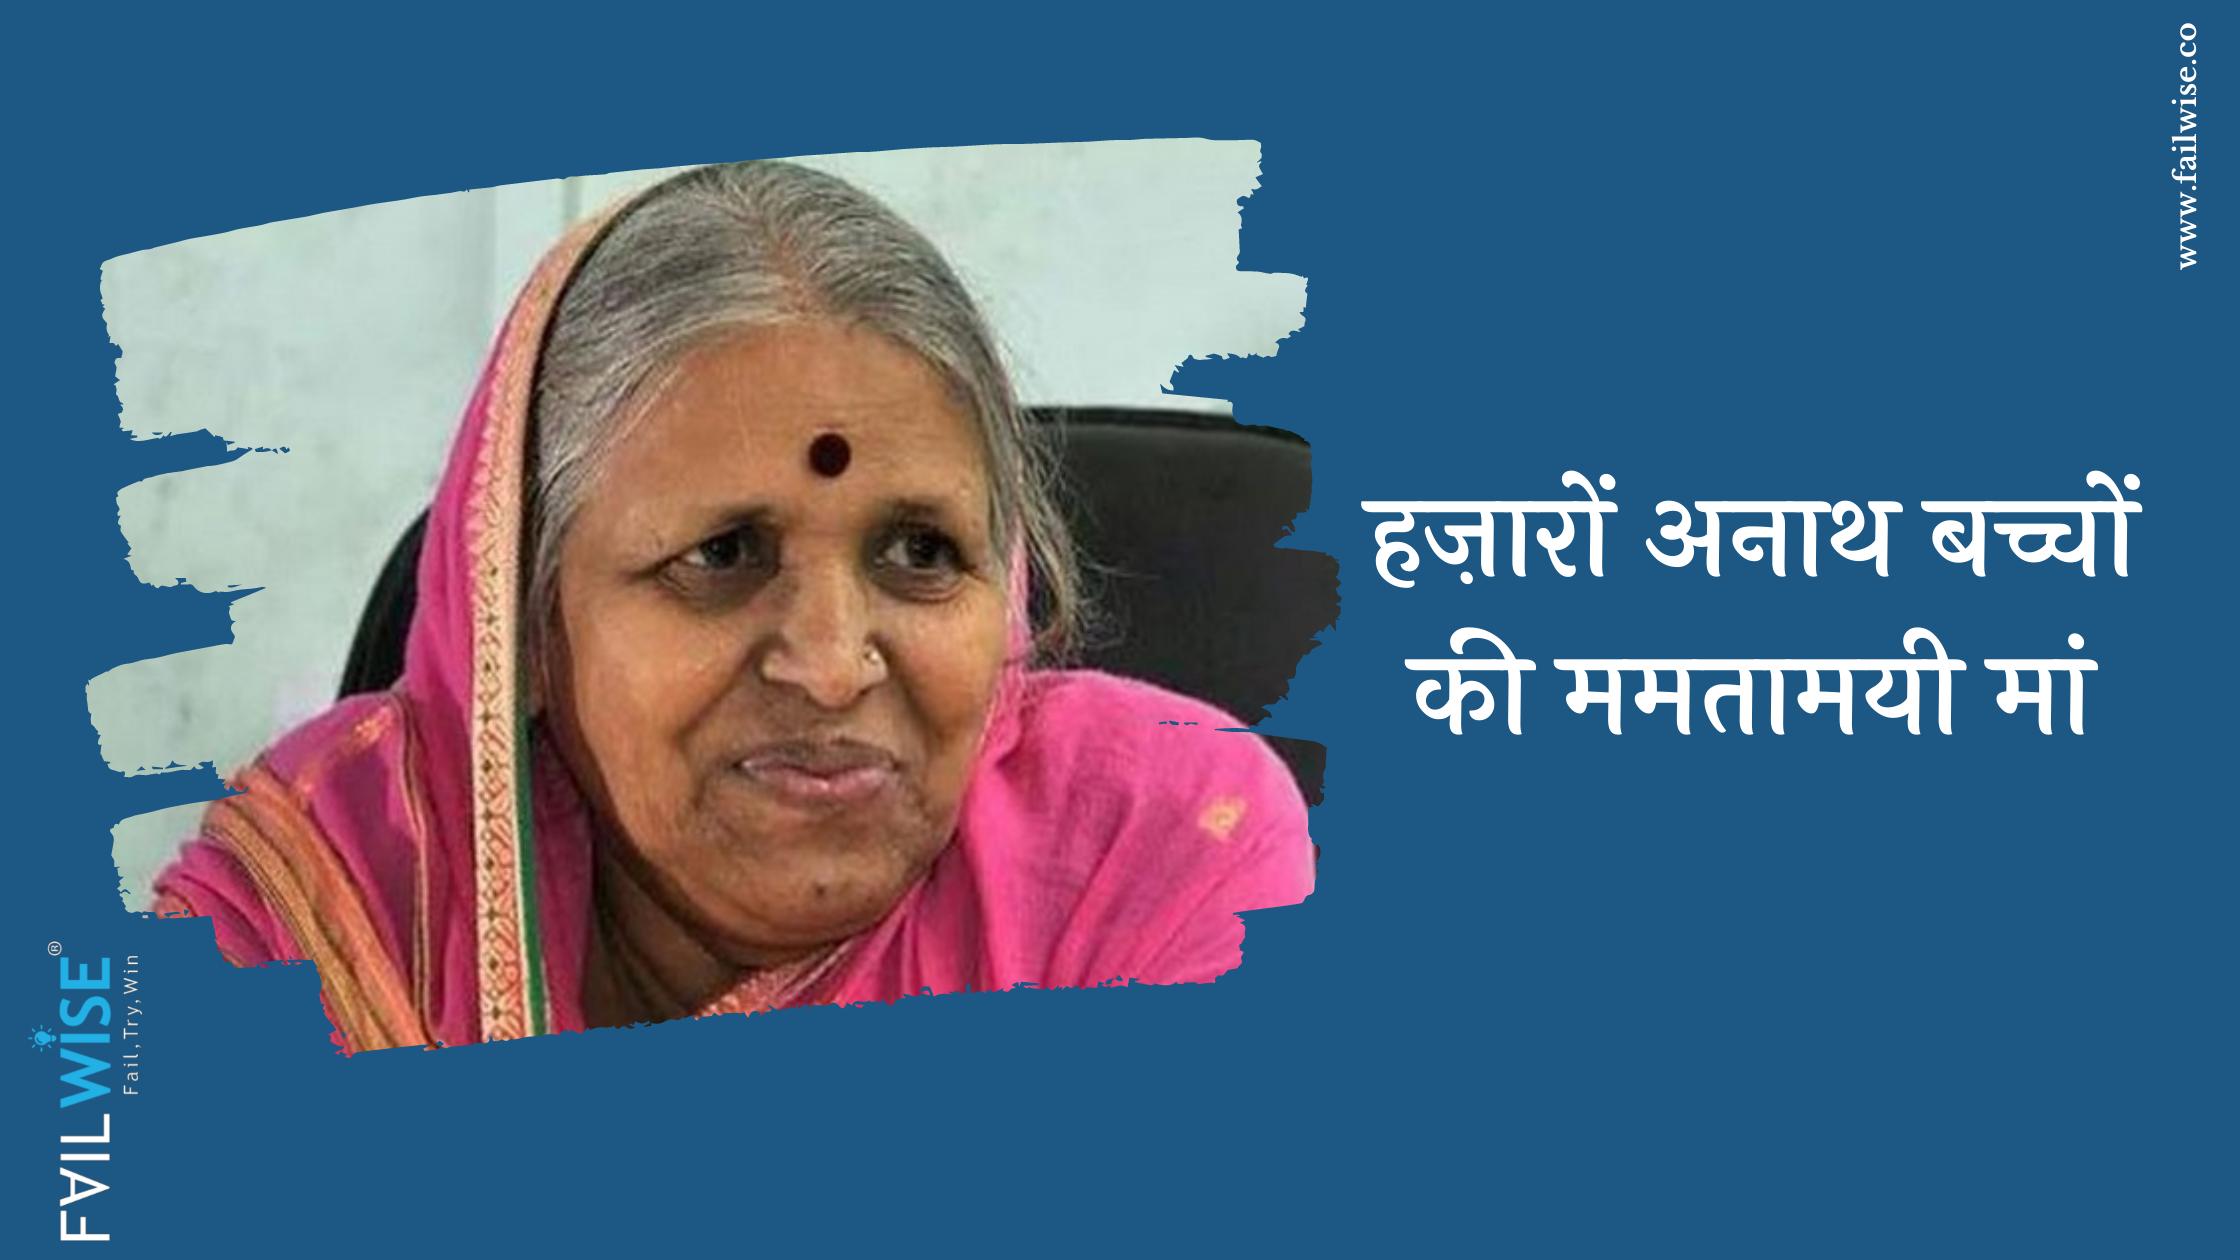 अनाथों की मां' सिंधुताई की कहानी | कभी श्मशान में गुजारी थी रातें